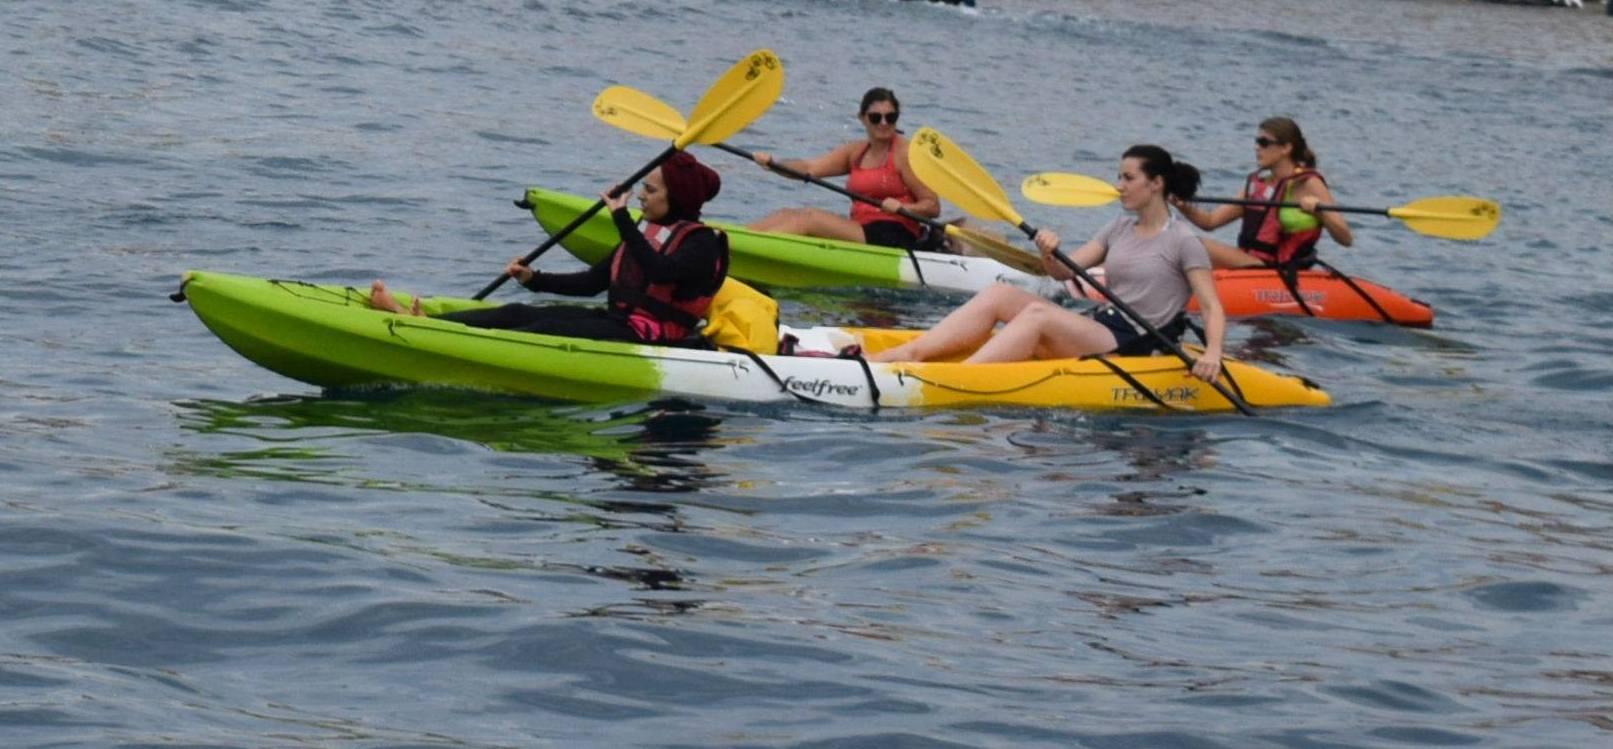 kayak poker run on Lake Almanor